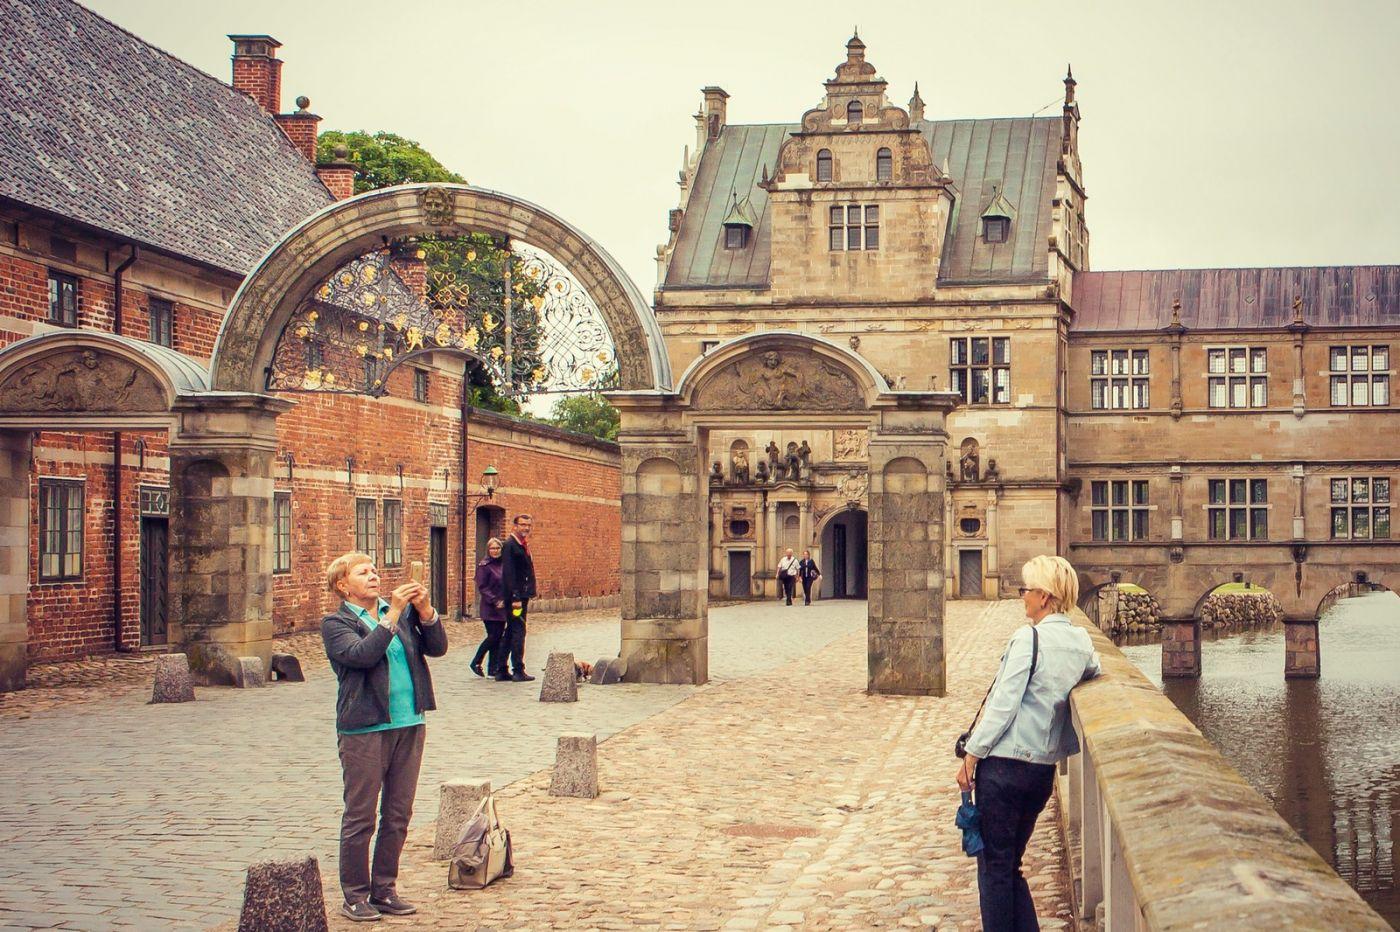 丹麦腓特烈堡城堡,当年的风采_图1-17